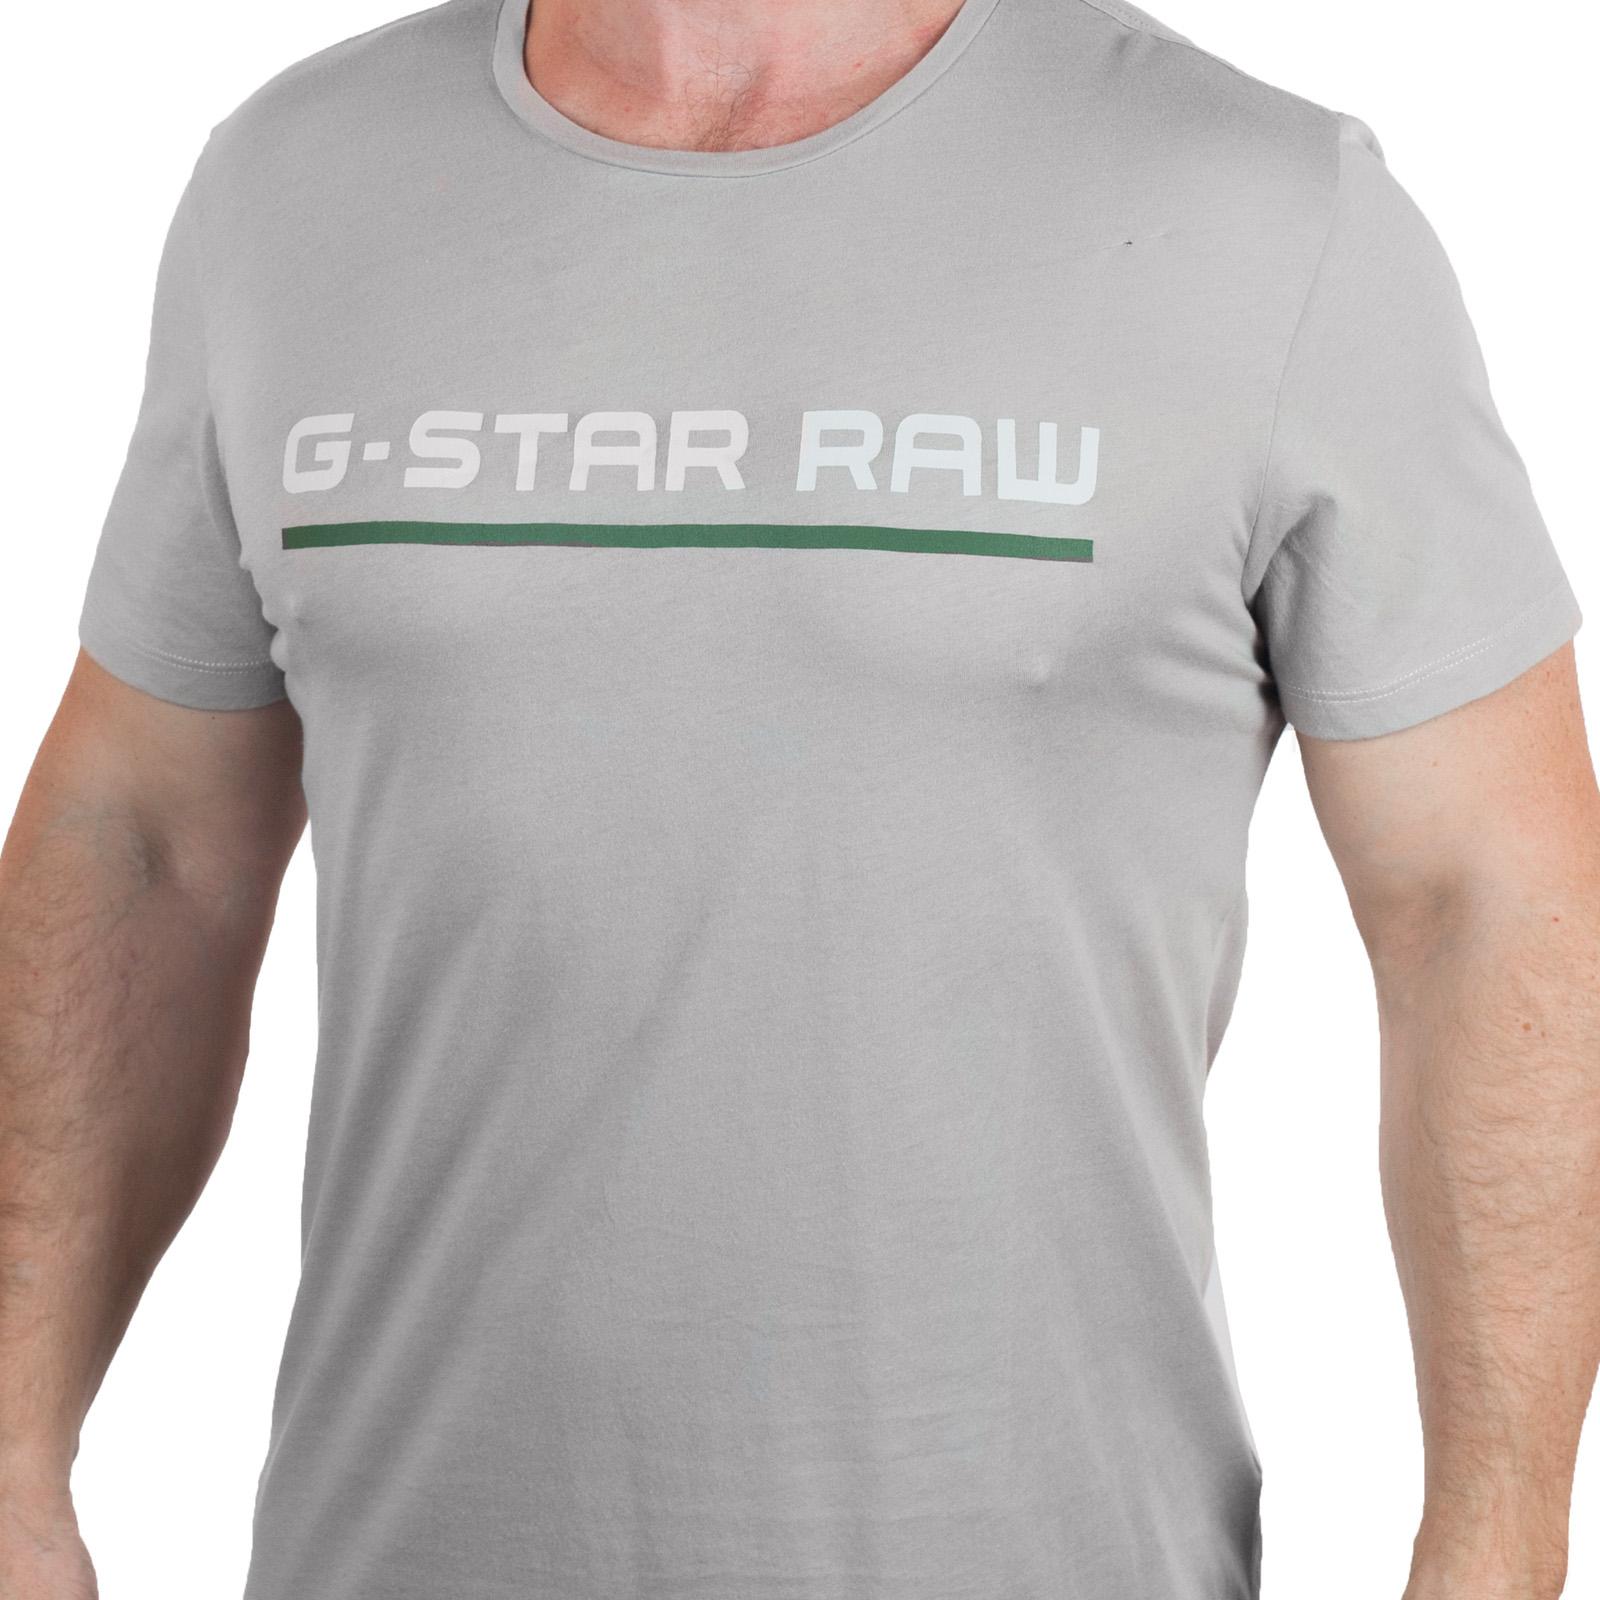 Серая футболка с надписью G-Star Raw